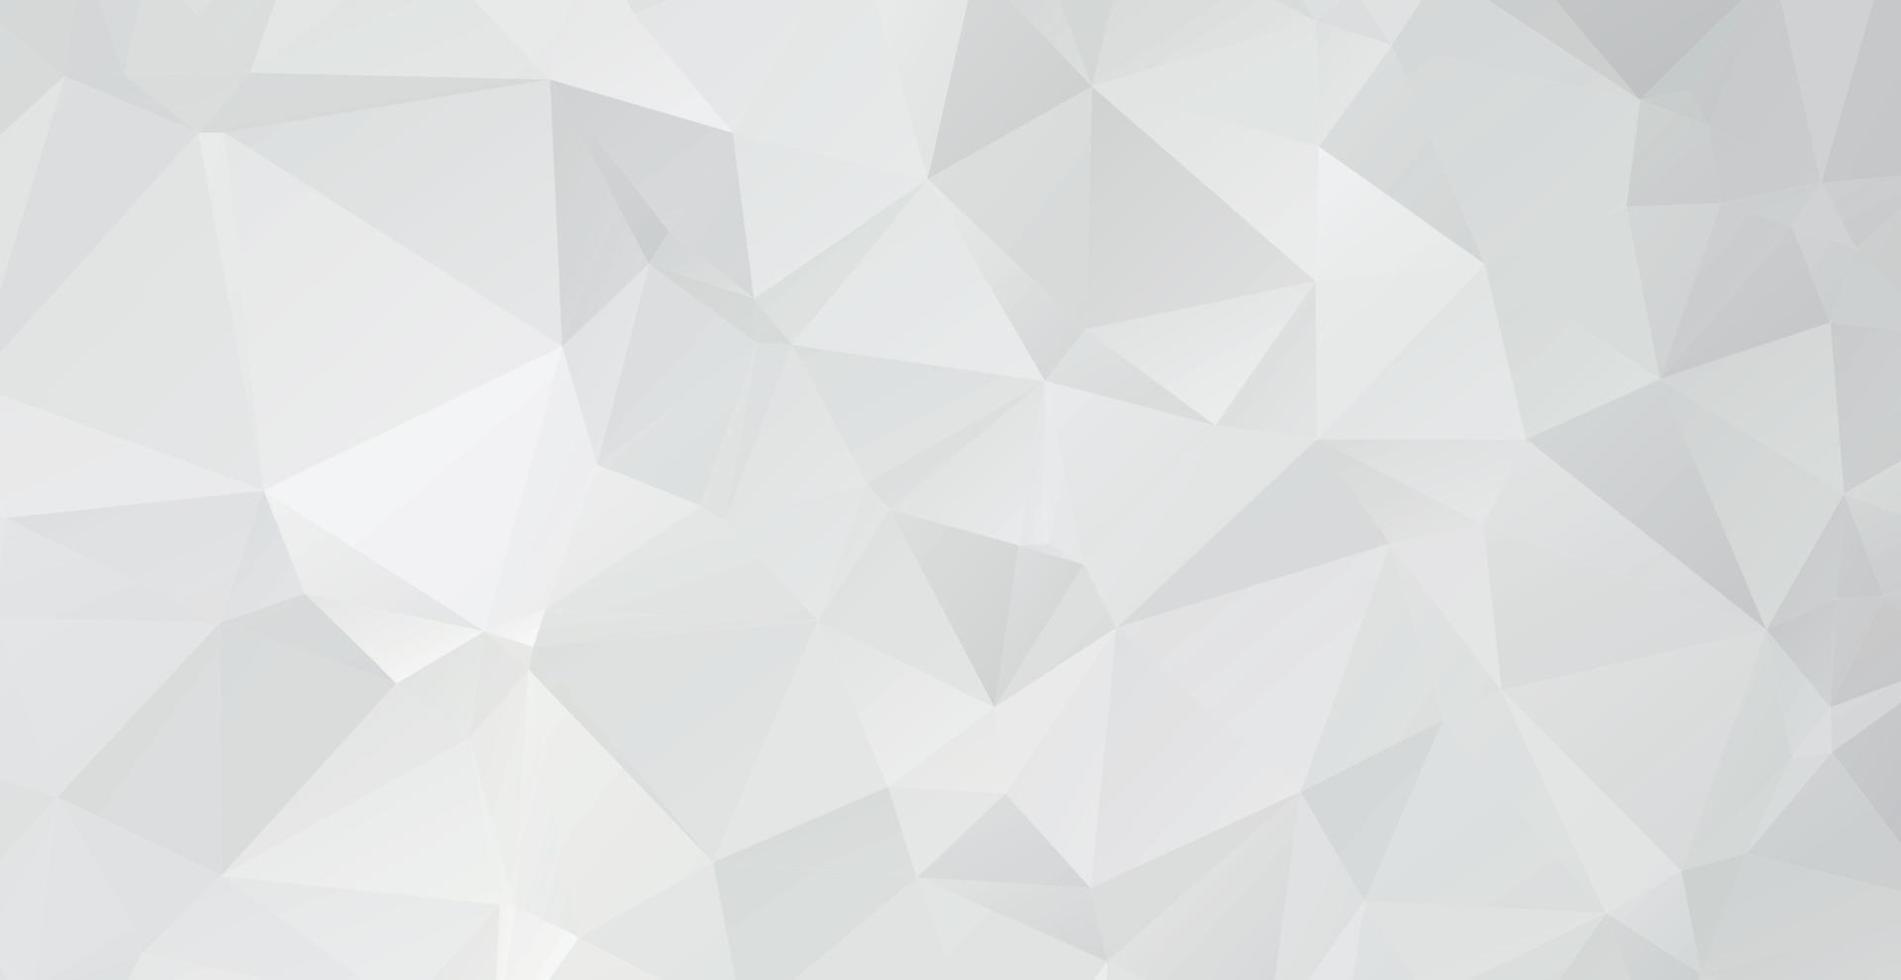 abstracte wit-grijze achtergrond, veel verschillende grootte driehoeken - vector